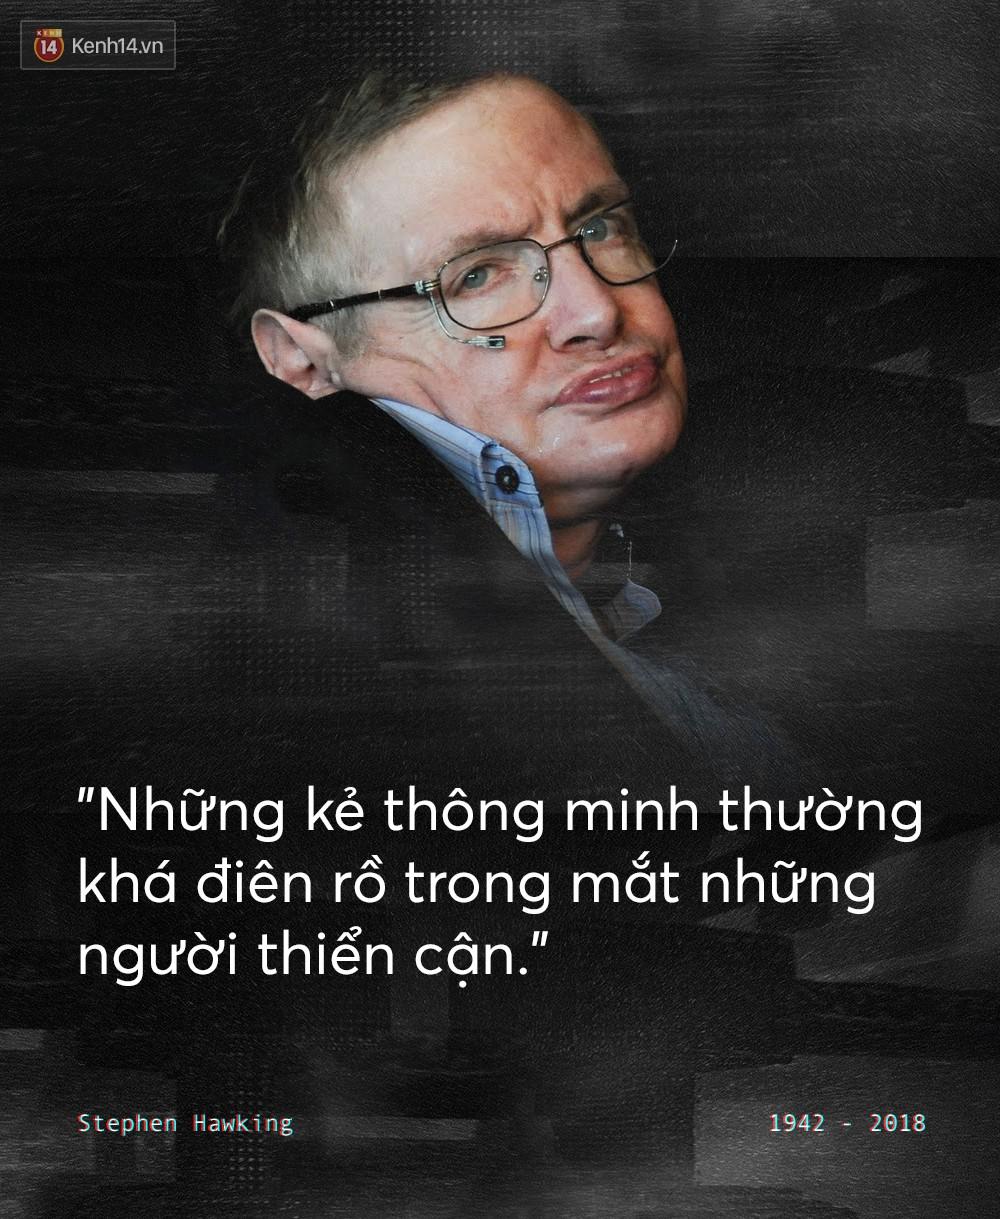 Những câu nói, quan điểm để đời của Stephen Hawking